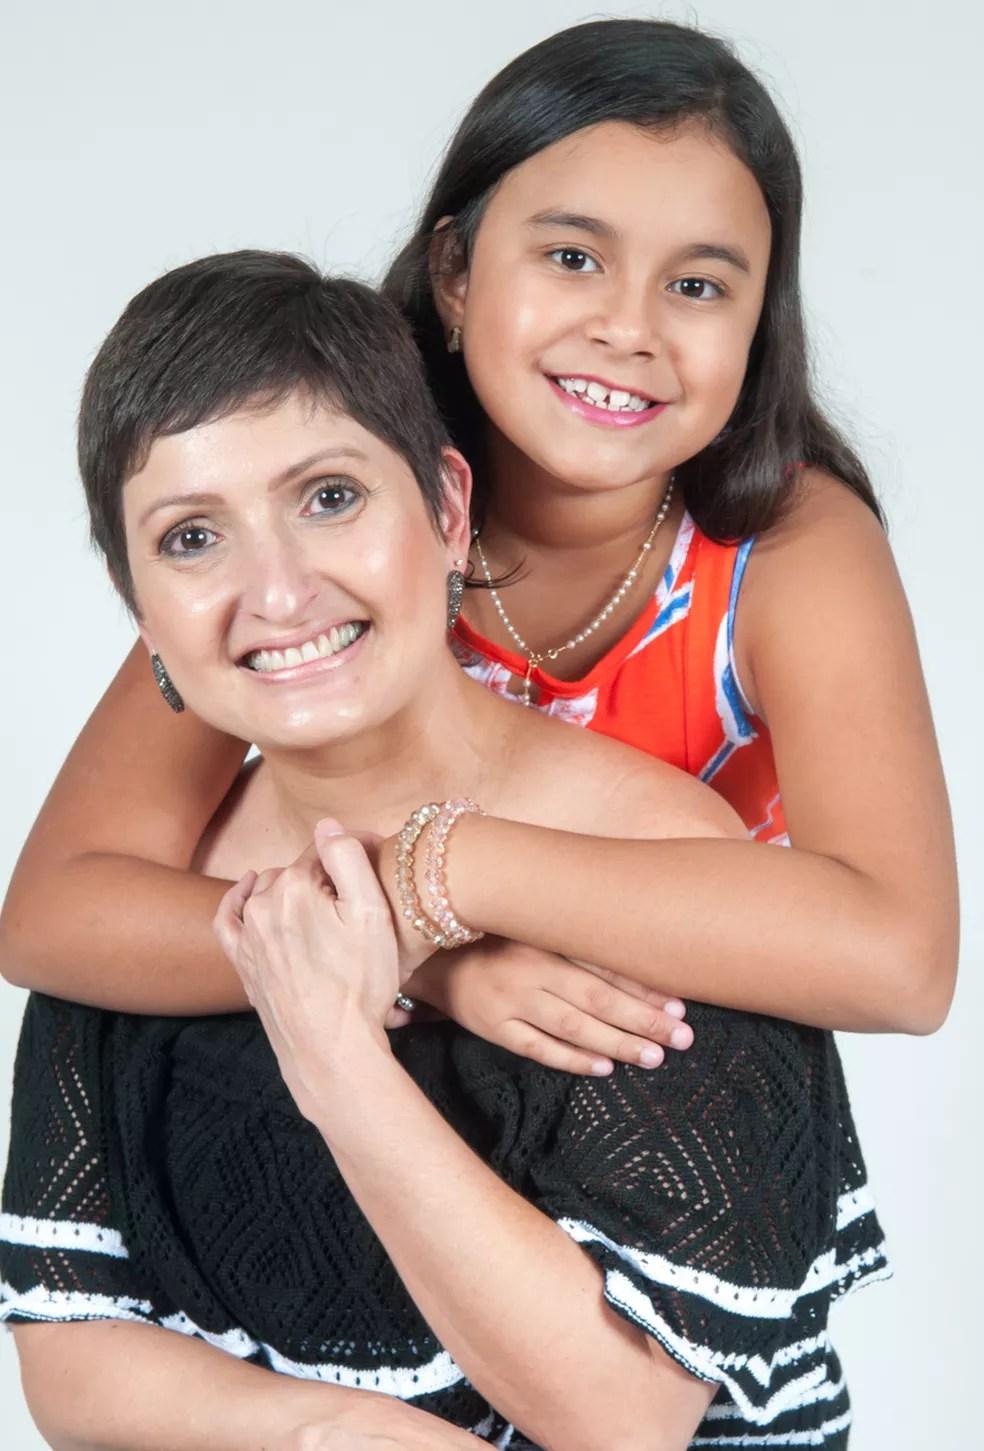 Raquel e filha Valetina participaram do ensaio